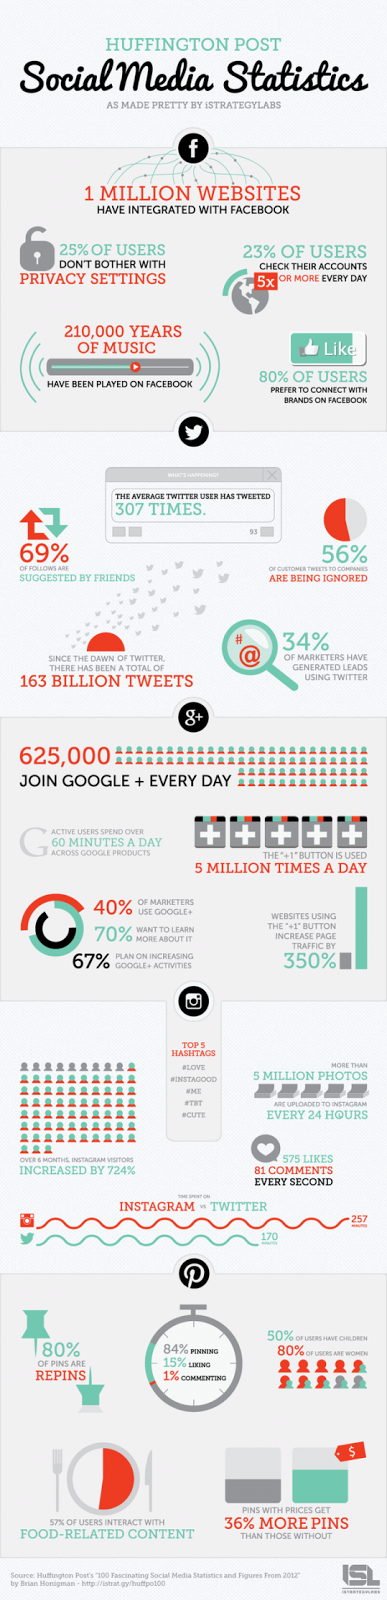 Social Media Statistics 2013